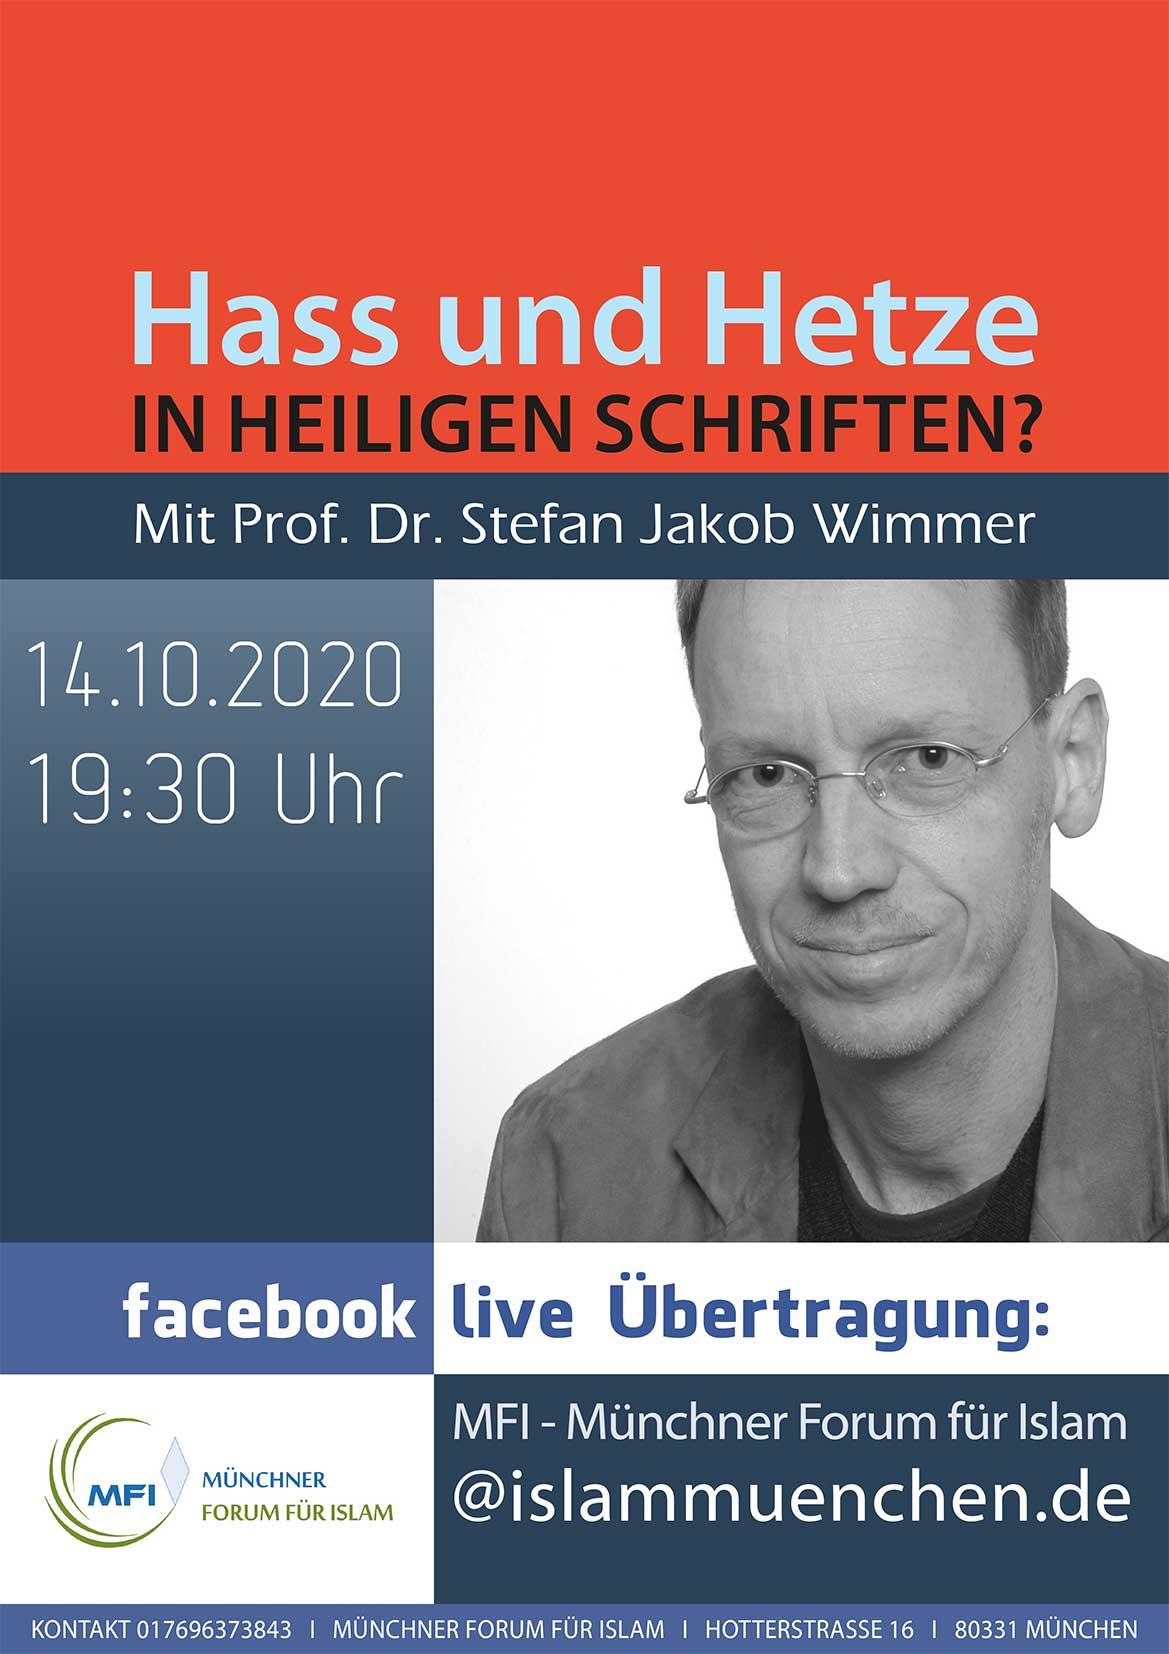 Dr. Stefan J. Wimmer: Hass und Hetze in Heiligen Schriften